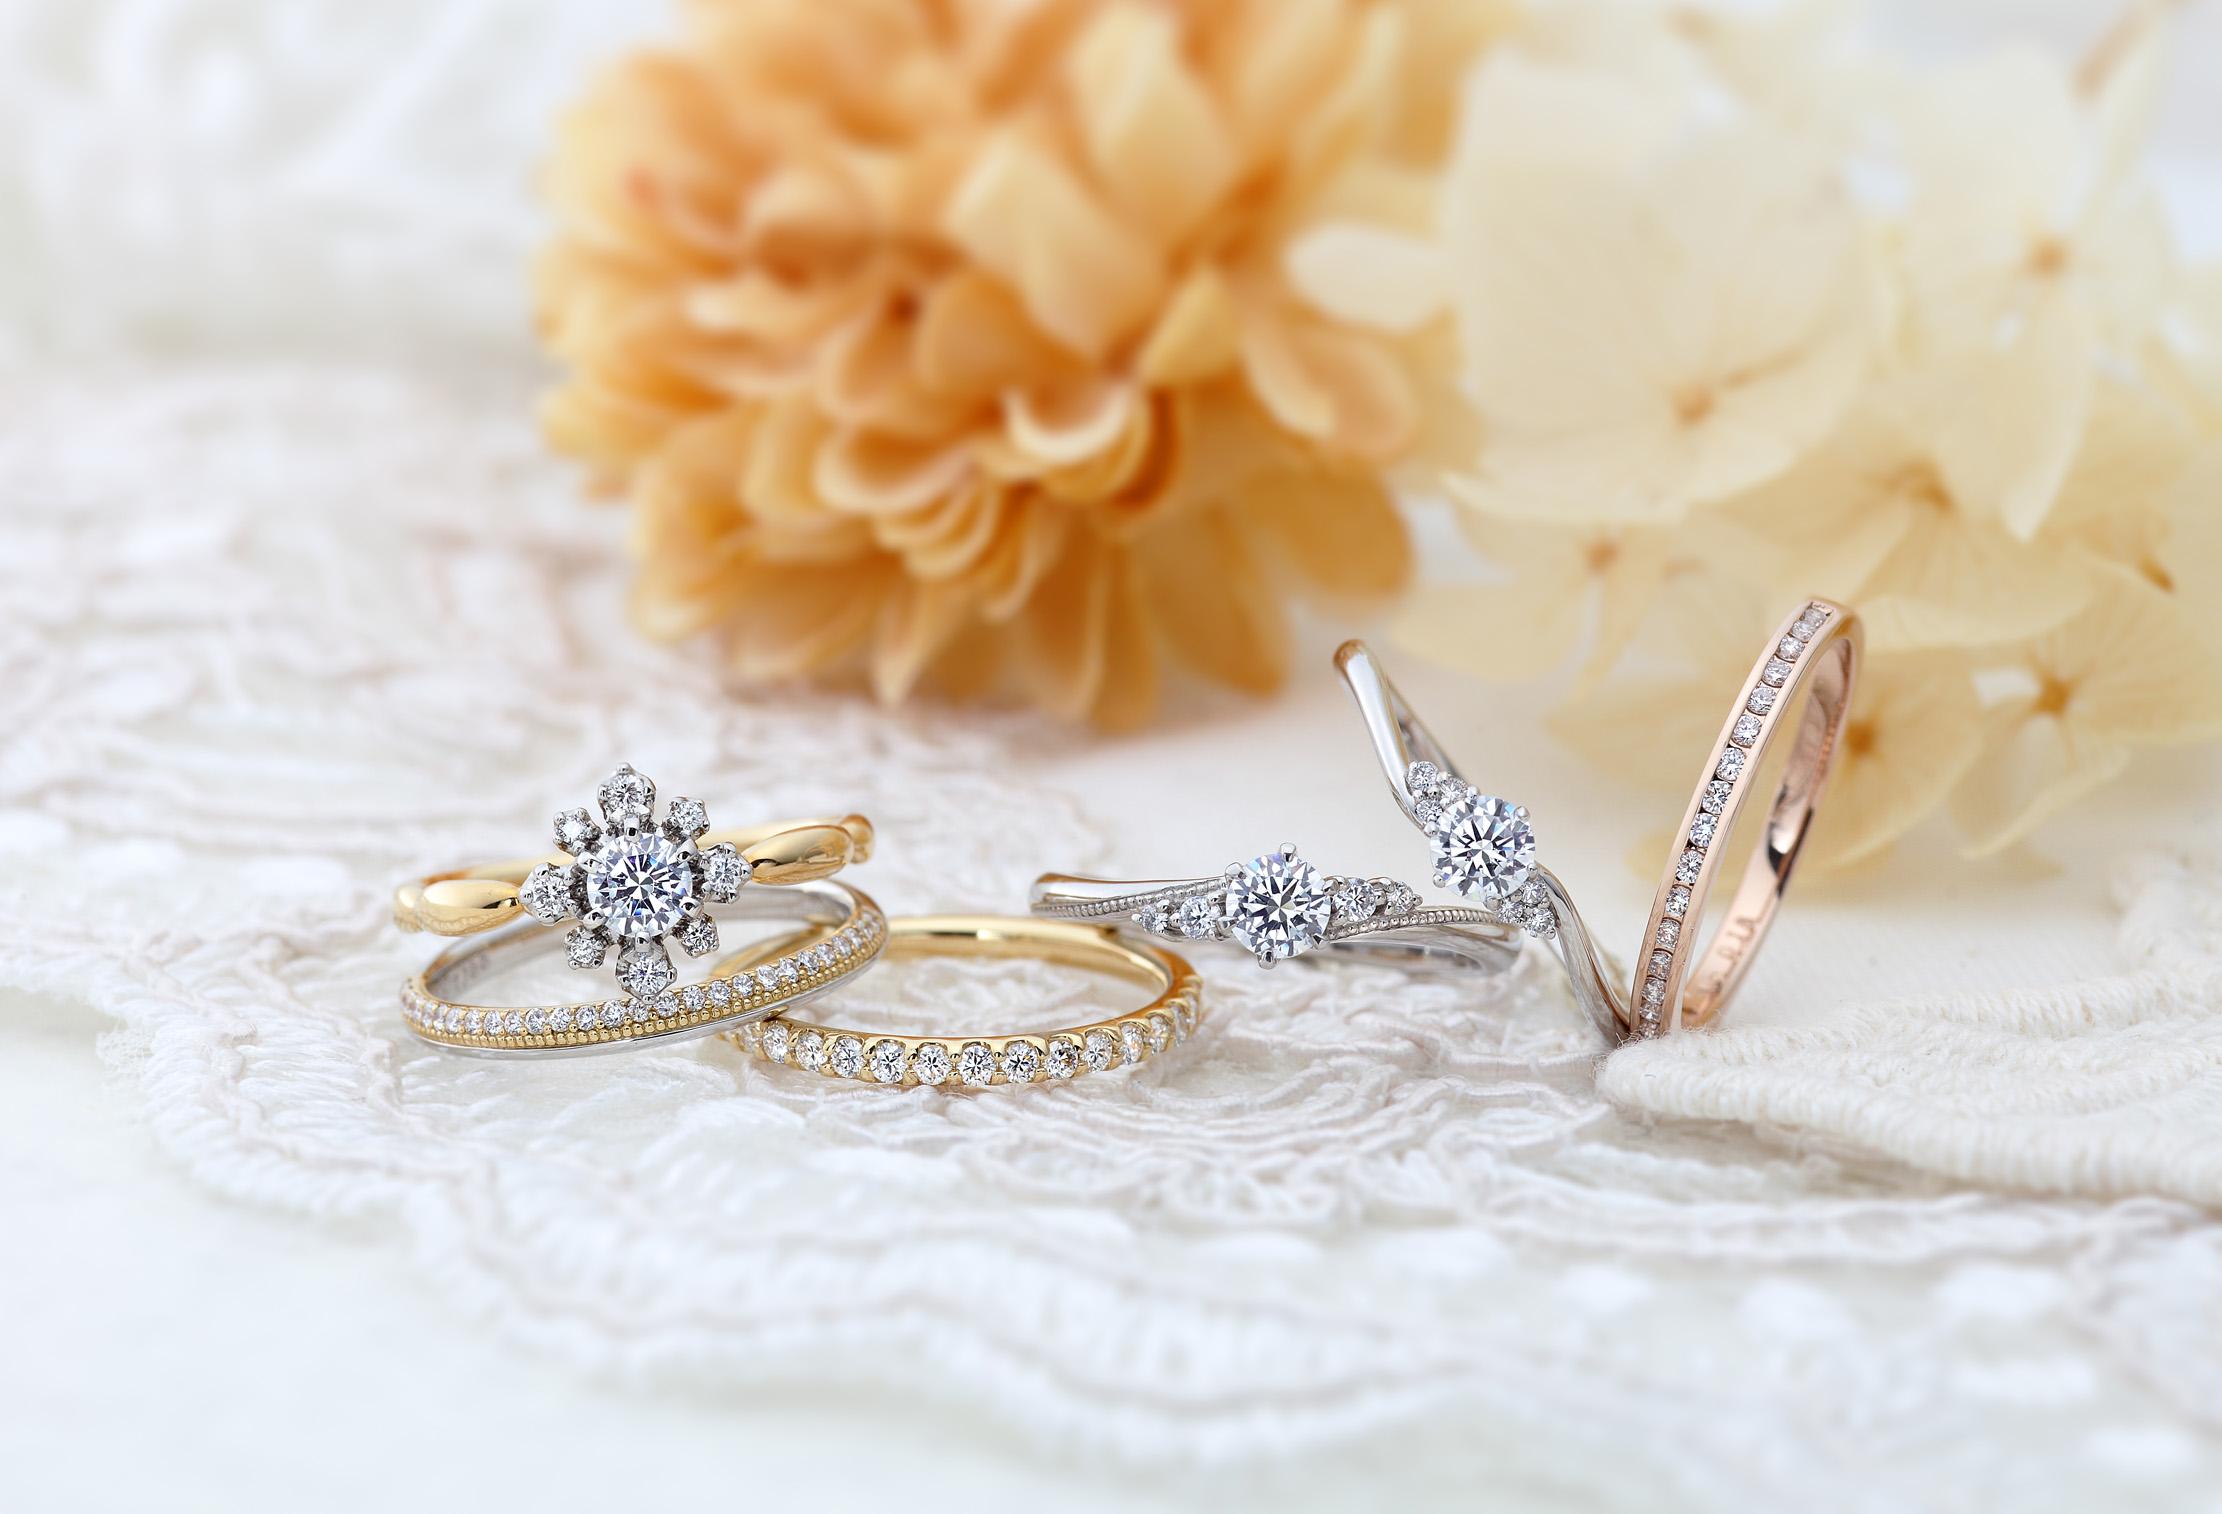 【静岡街中】結婚指輪・婚約指輪なら大人可愛いVIVAGE〈ヴィヴァージュ〉はいかが?